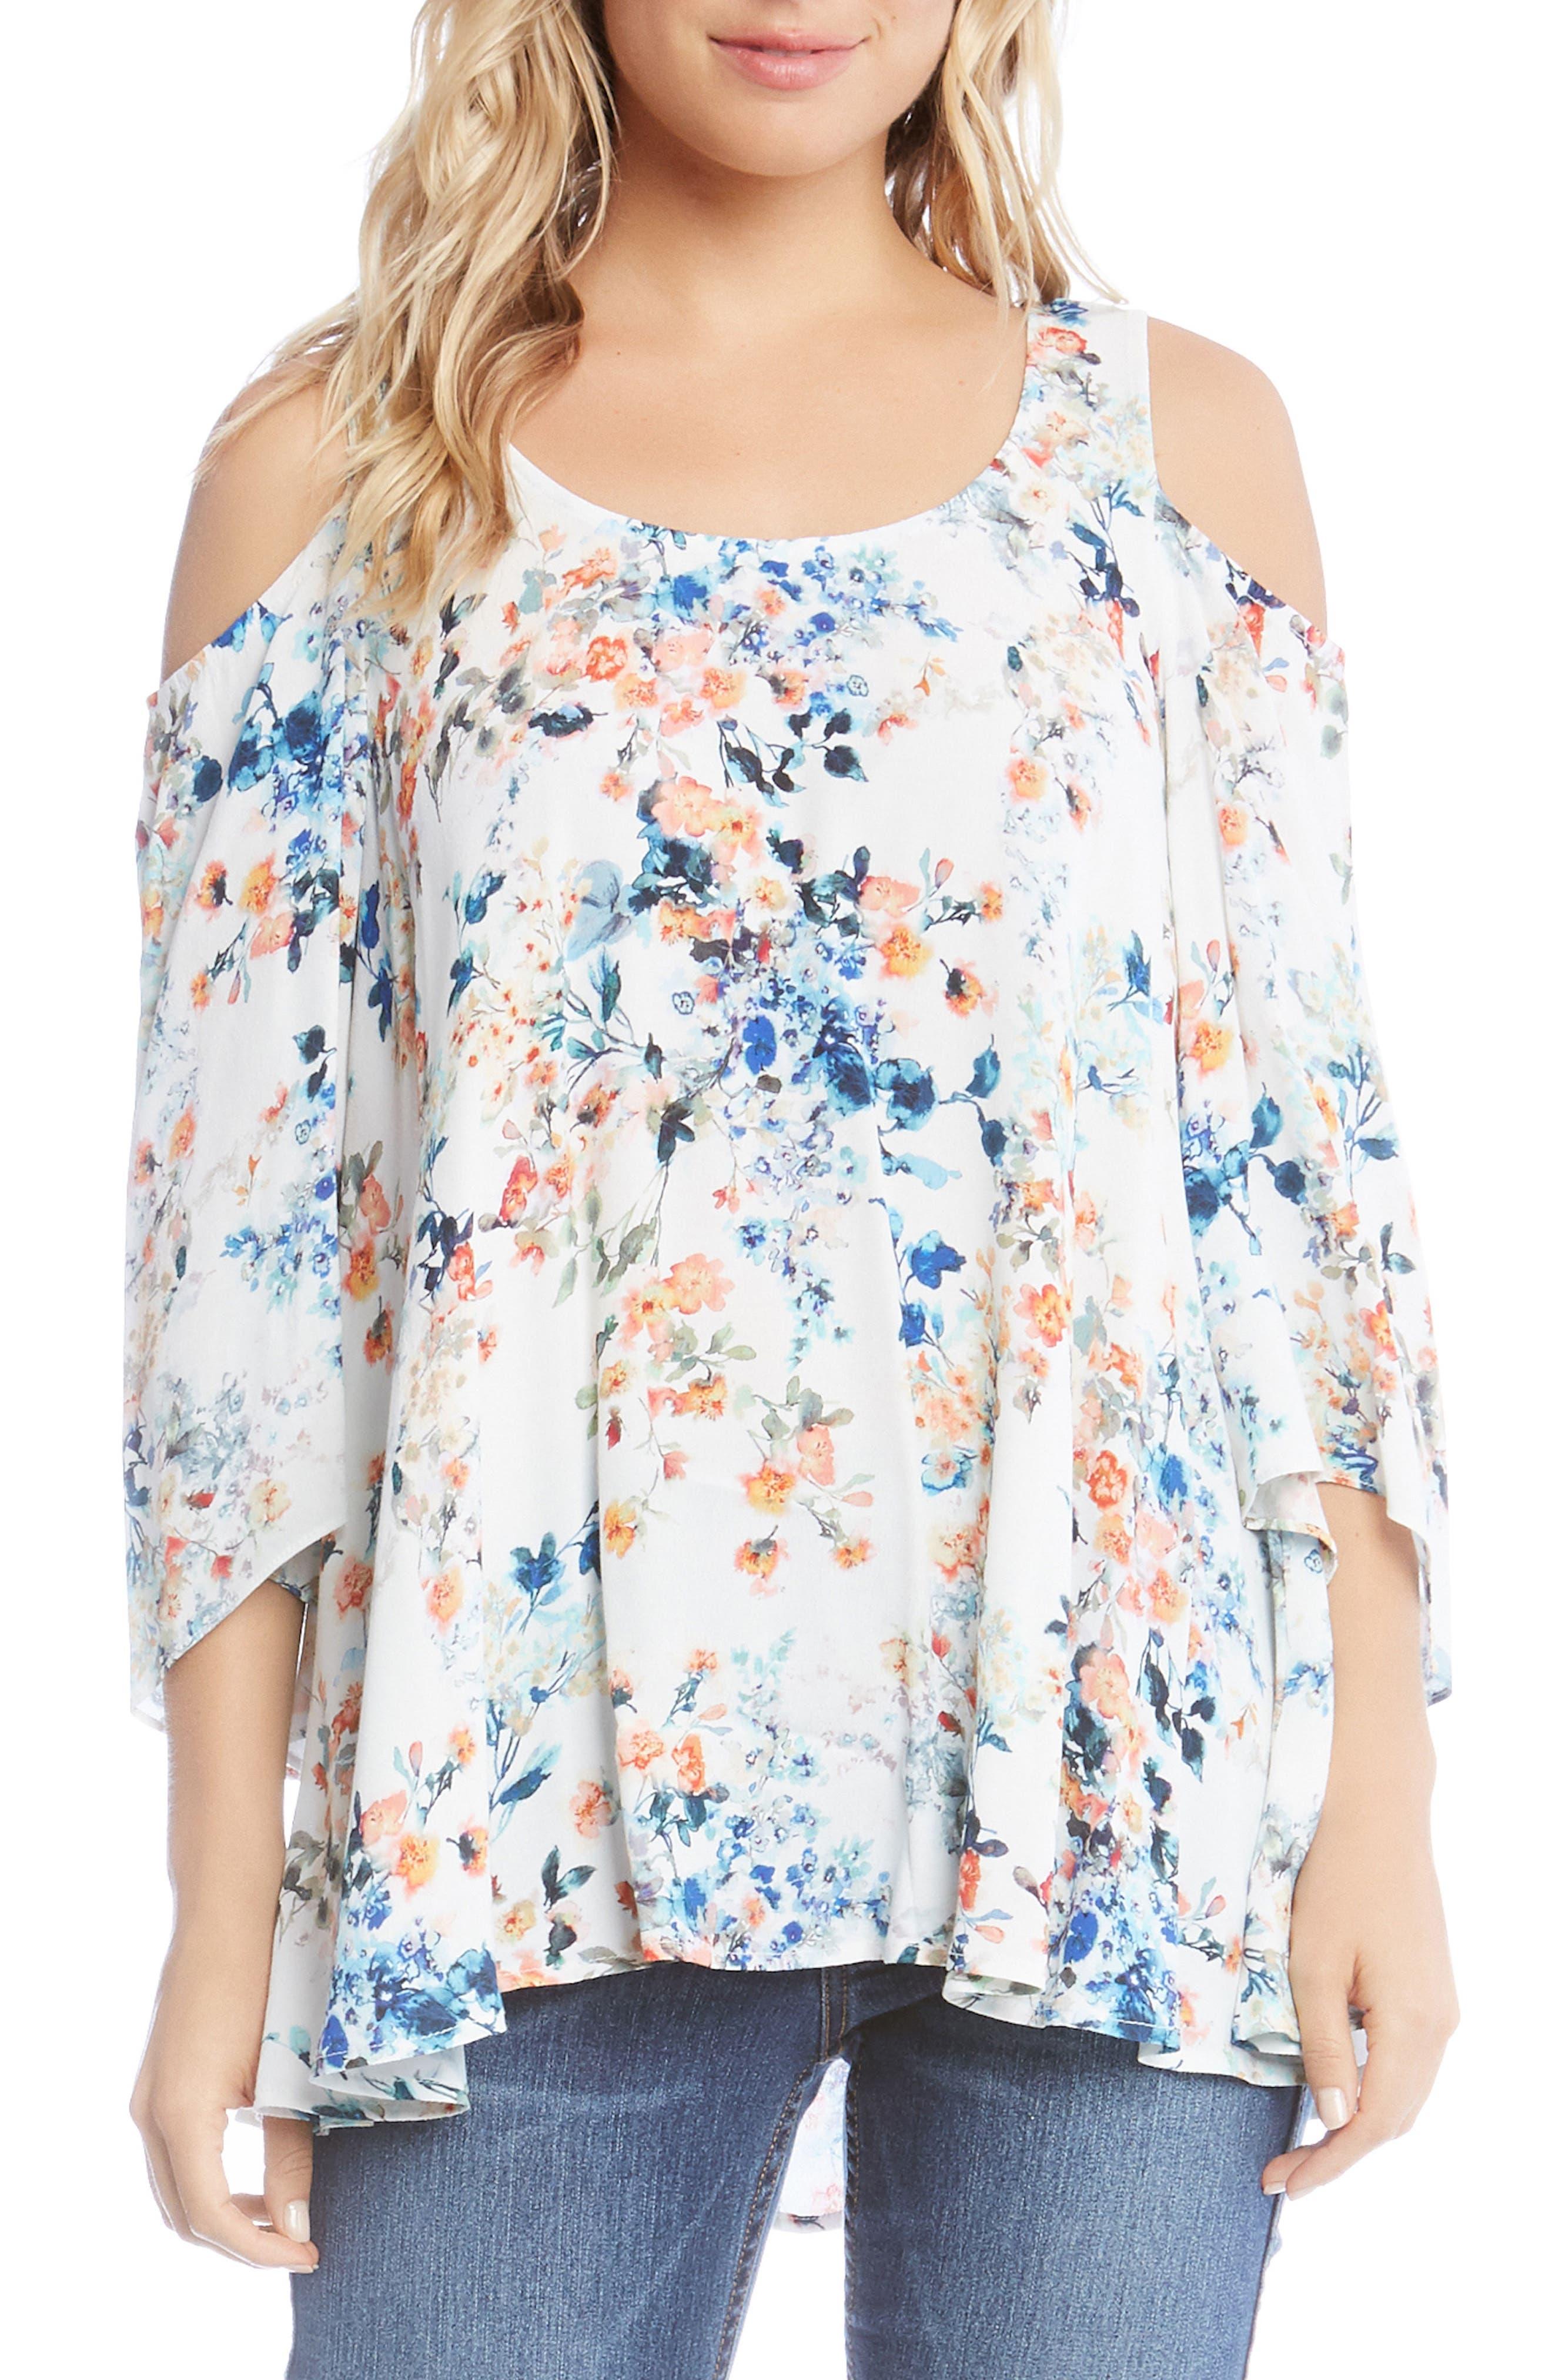 Alternate Image 1 Selected - Karen Kane Cold Shoulder Floral Top